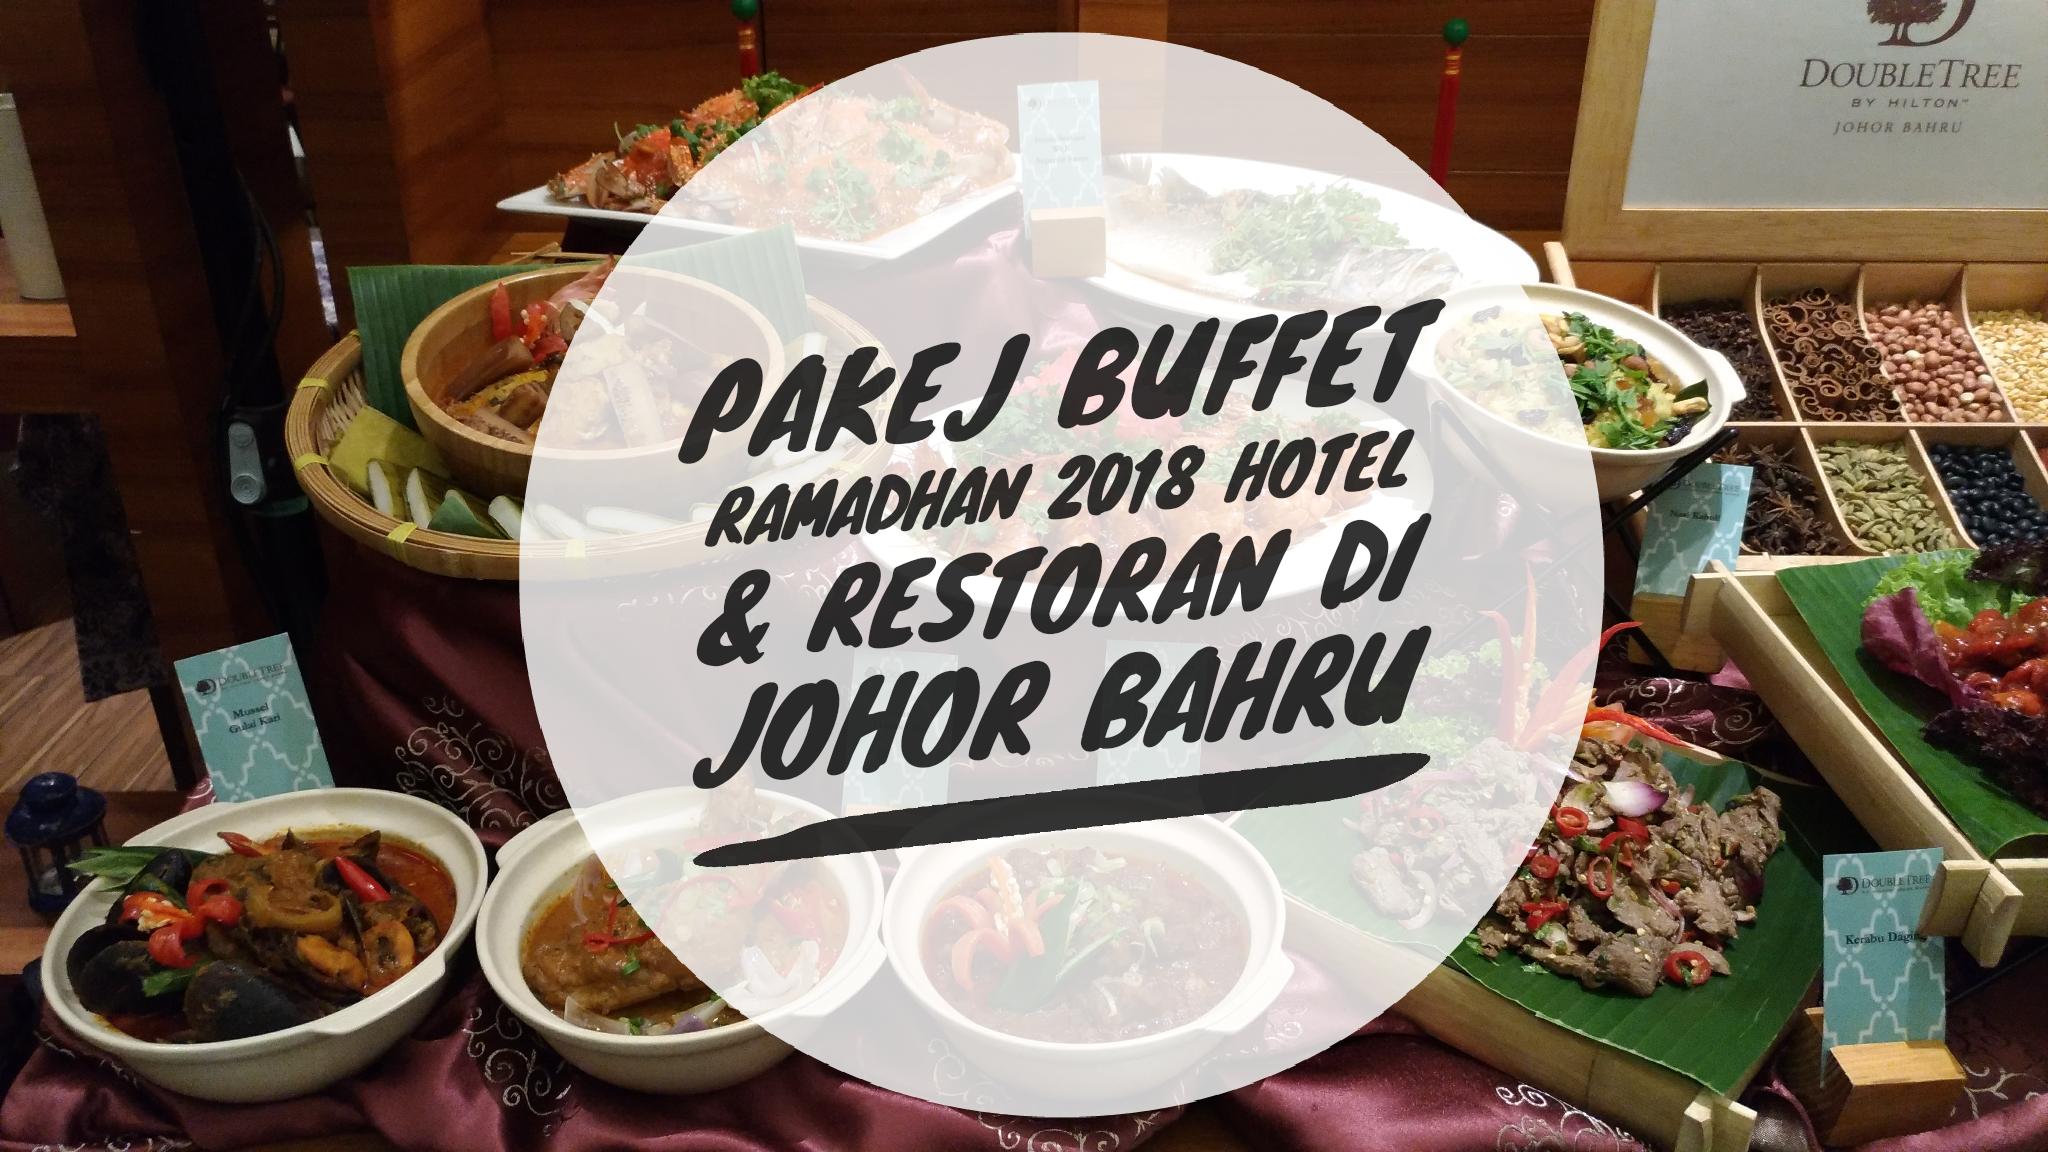 Pakej Buffet Ramadhan 2018 Hotel & Restoran Di Johor Bahru